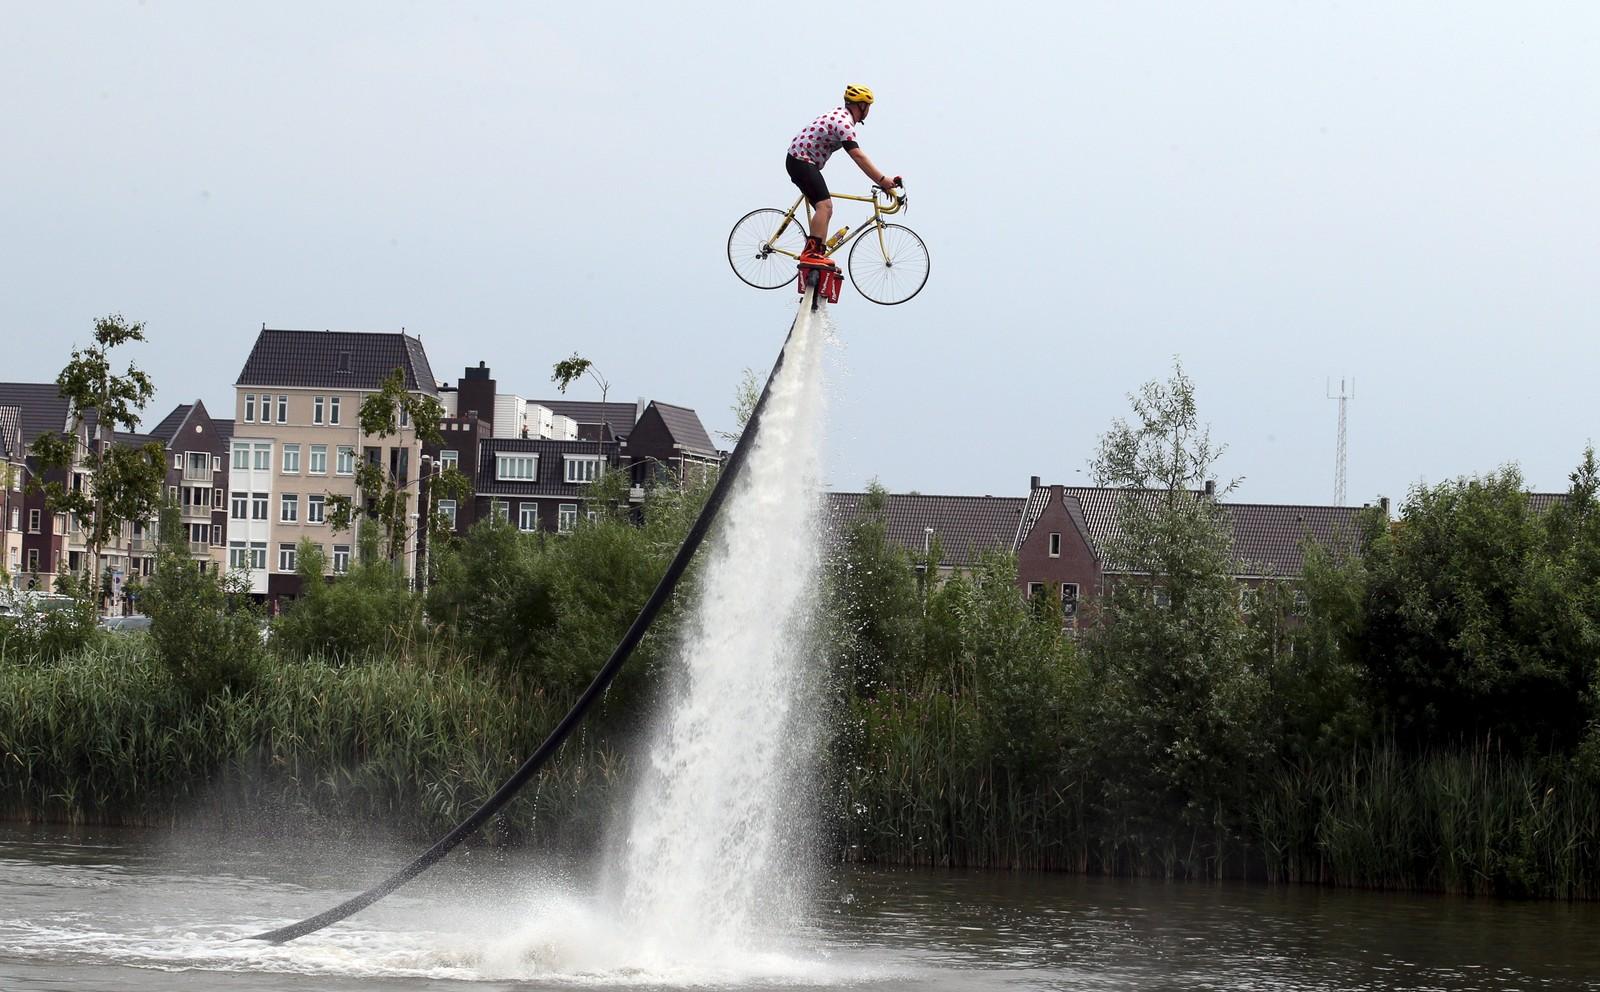 En mann i den karakteristiske, prikkete Tour de France-klatretrøya viste sitt spesielle sykkeltriks før starten på 2. etappe i Utrecht, Nederland.